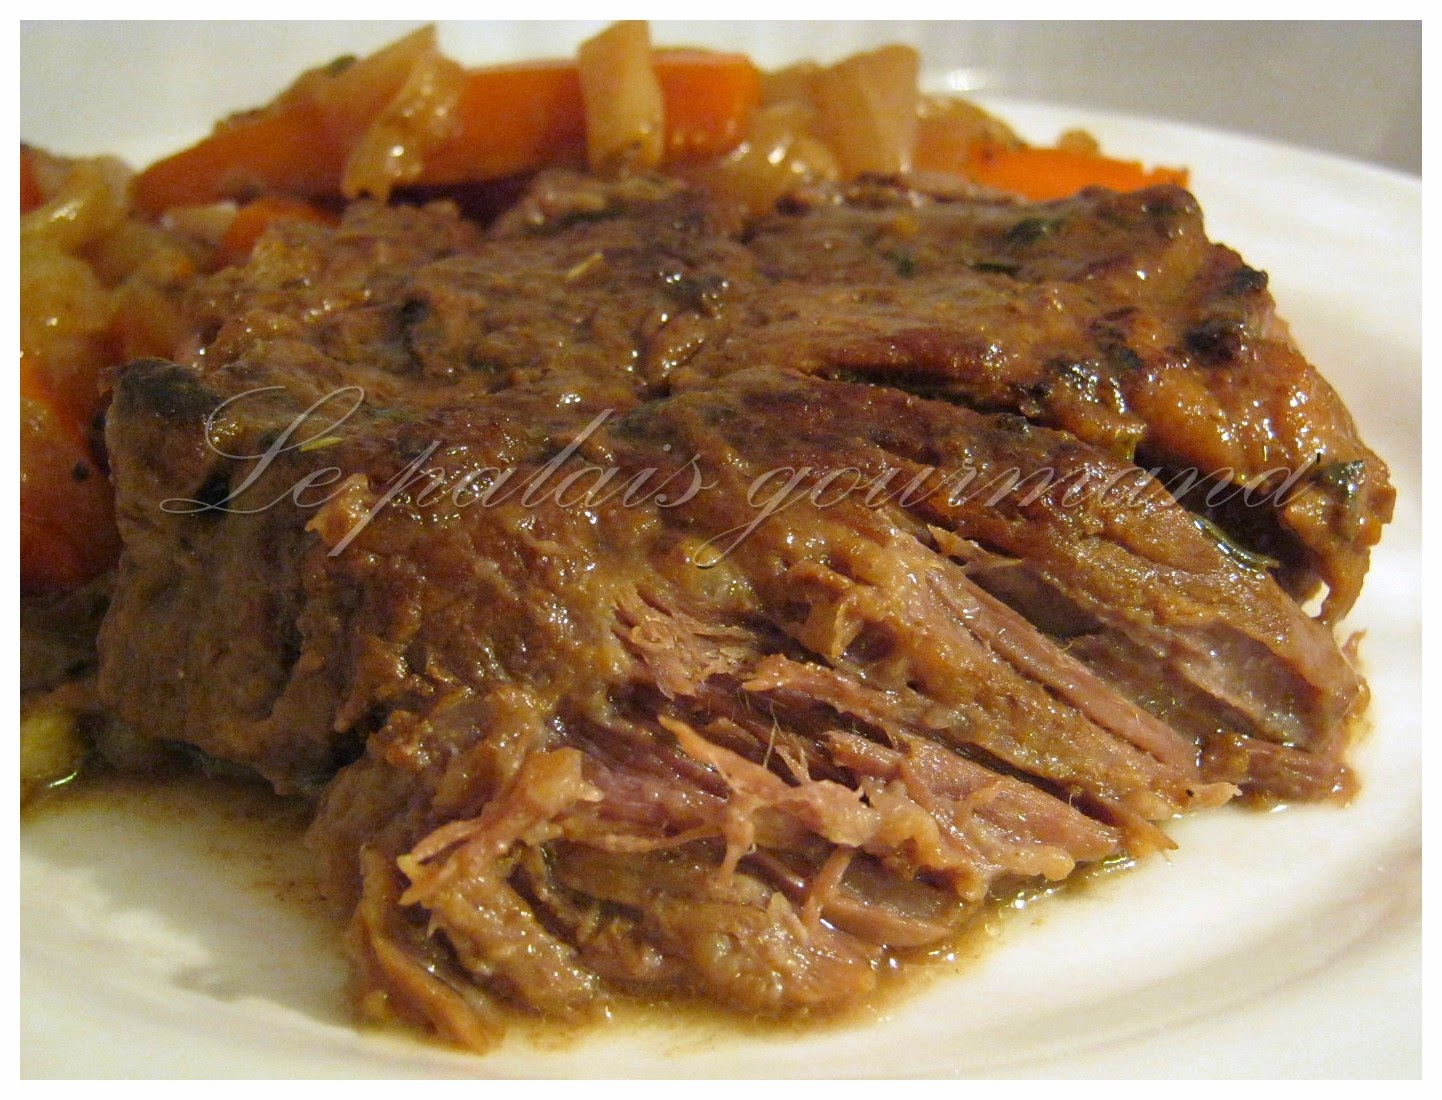 Le palais gourmand r ti de palette de boeuf brais la bi re brune - Comment cuisiner du jarret de boeuf ...